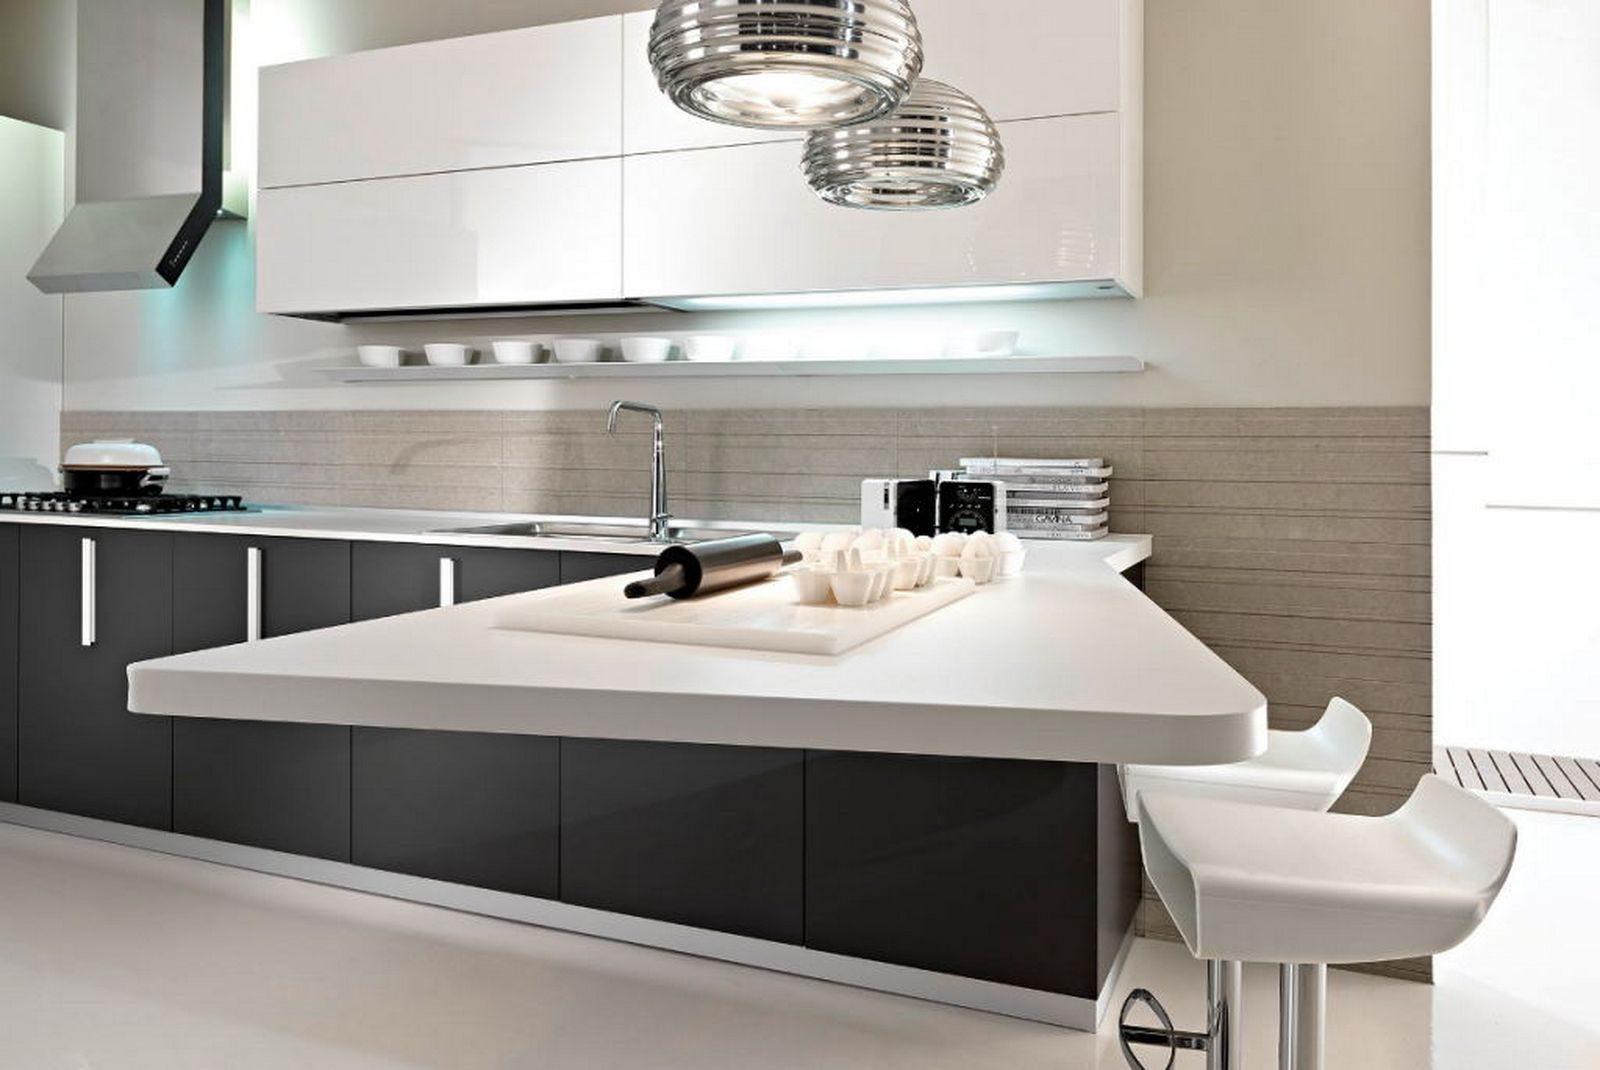 Style Kitchen Simple Futuristic Cocina Moderna Con Barra Americana Im Genes Y Fotos